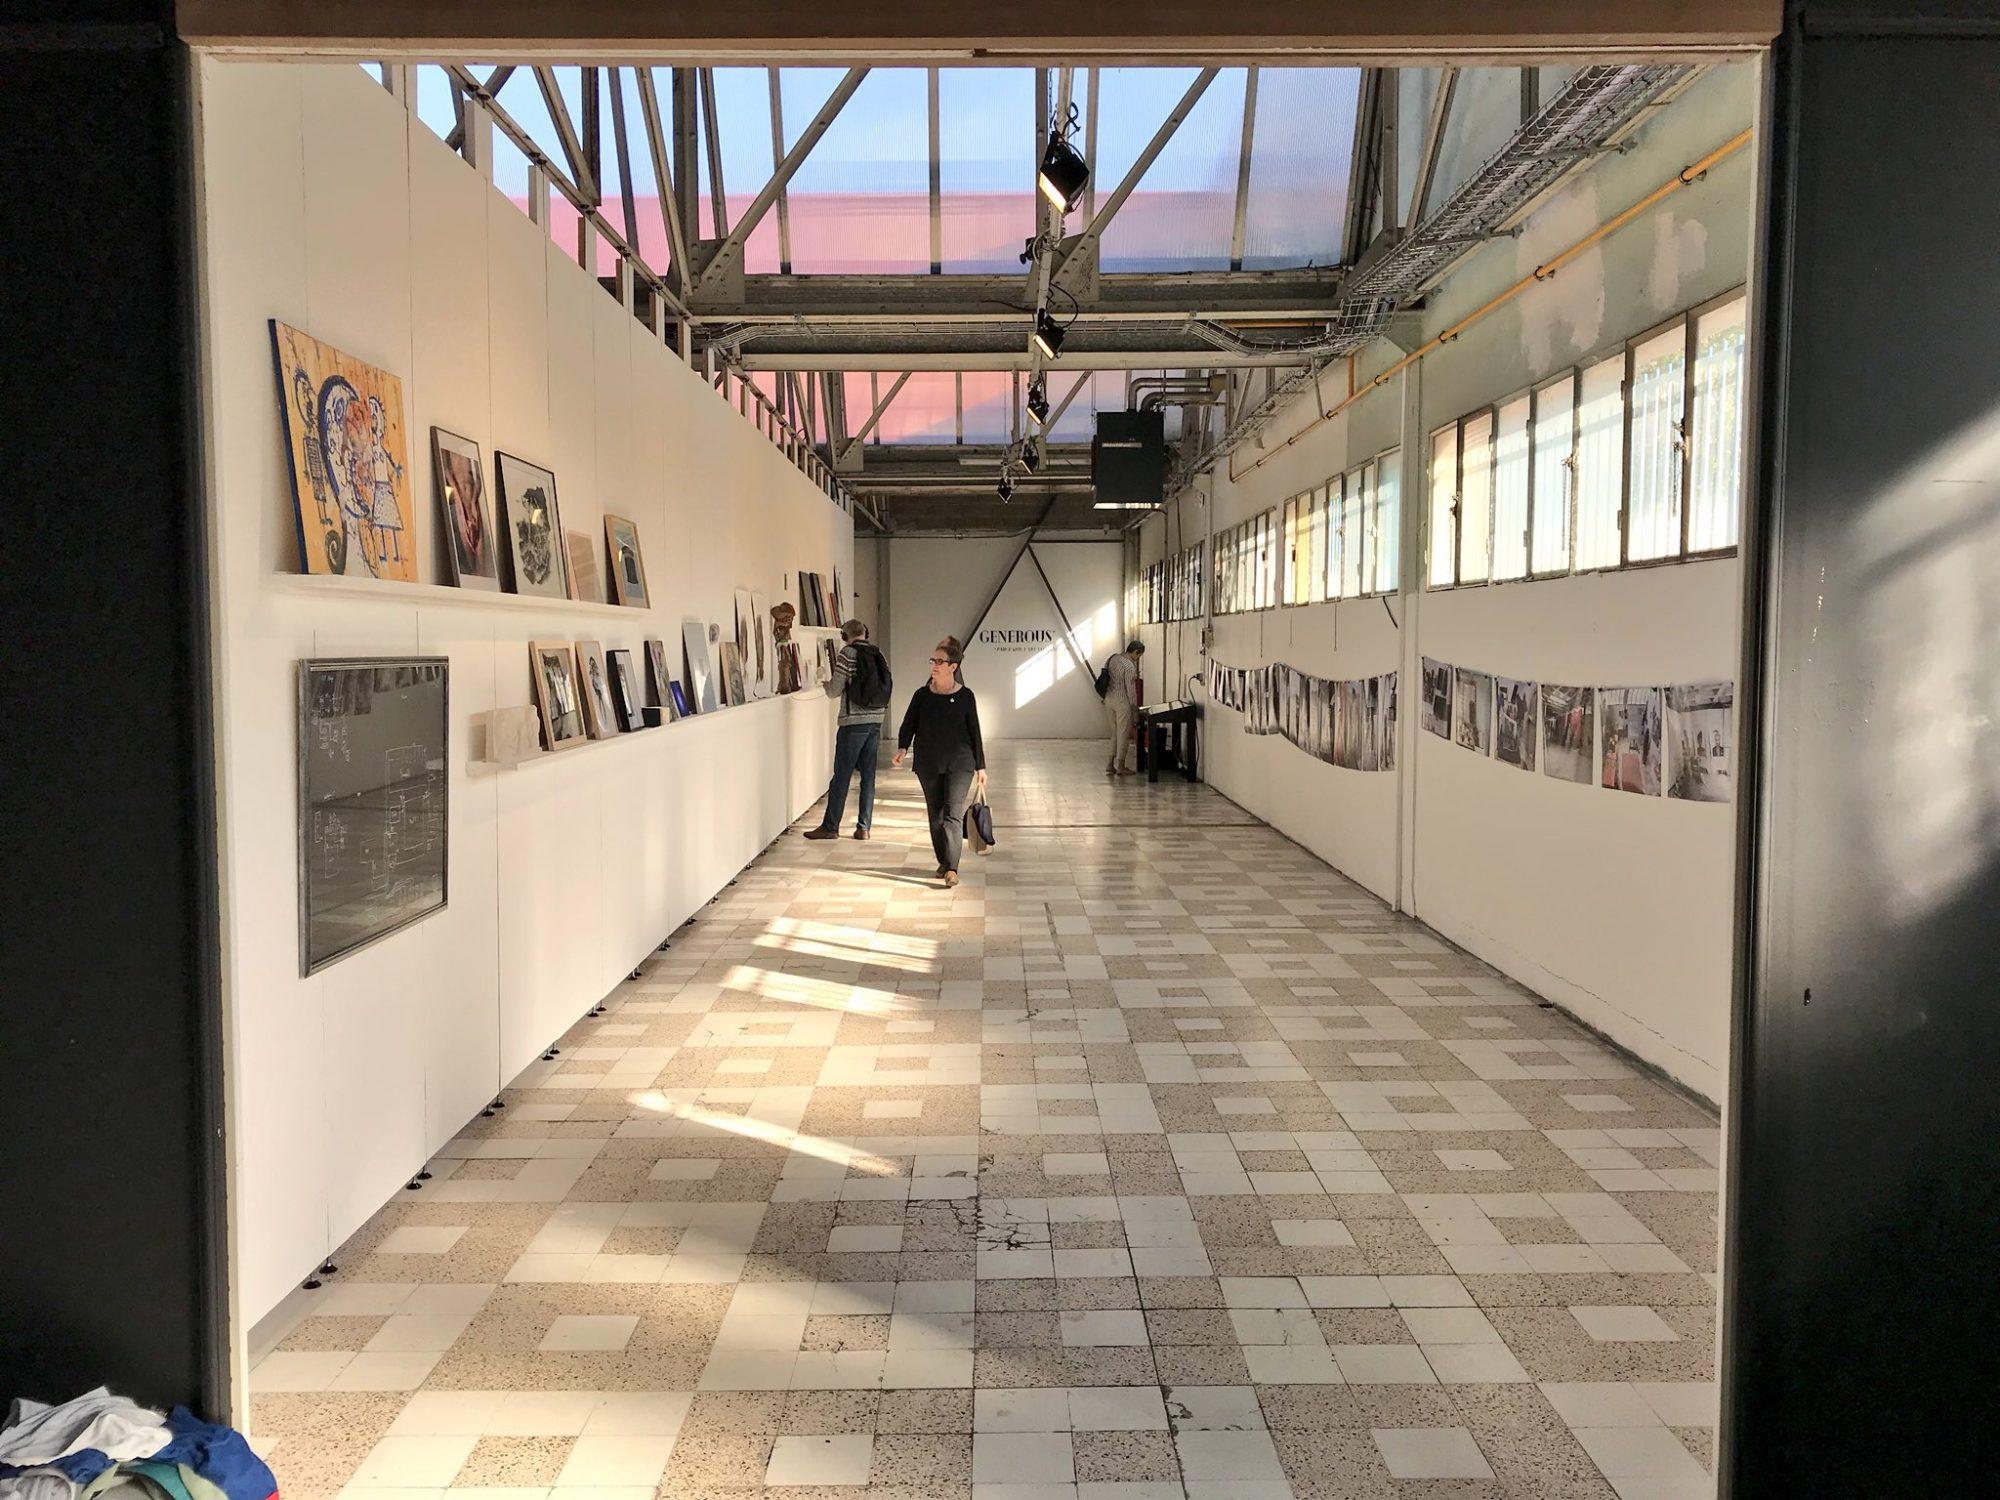 La friche artistique de Reims a ouvert ses portes (2017)